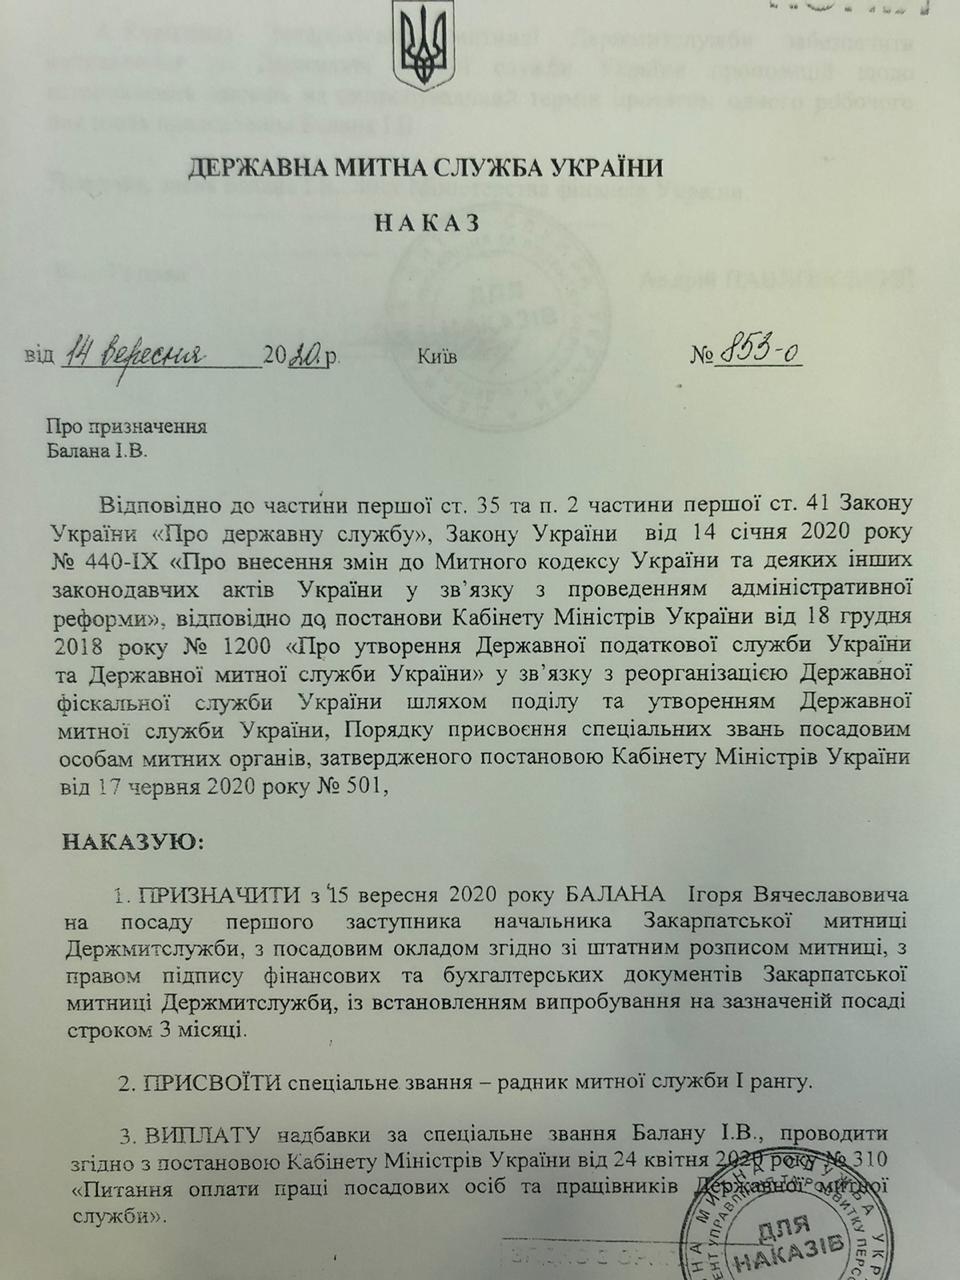 Ігор Балан - перший заступник начальника Закарпатської митниці (ОФІЦІЙНО), фото-2